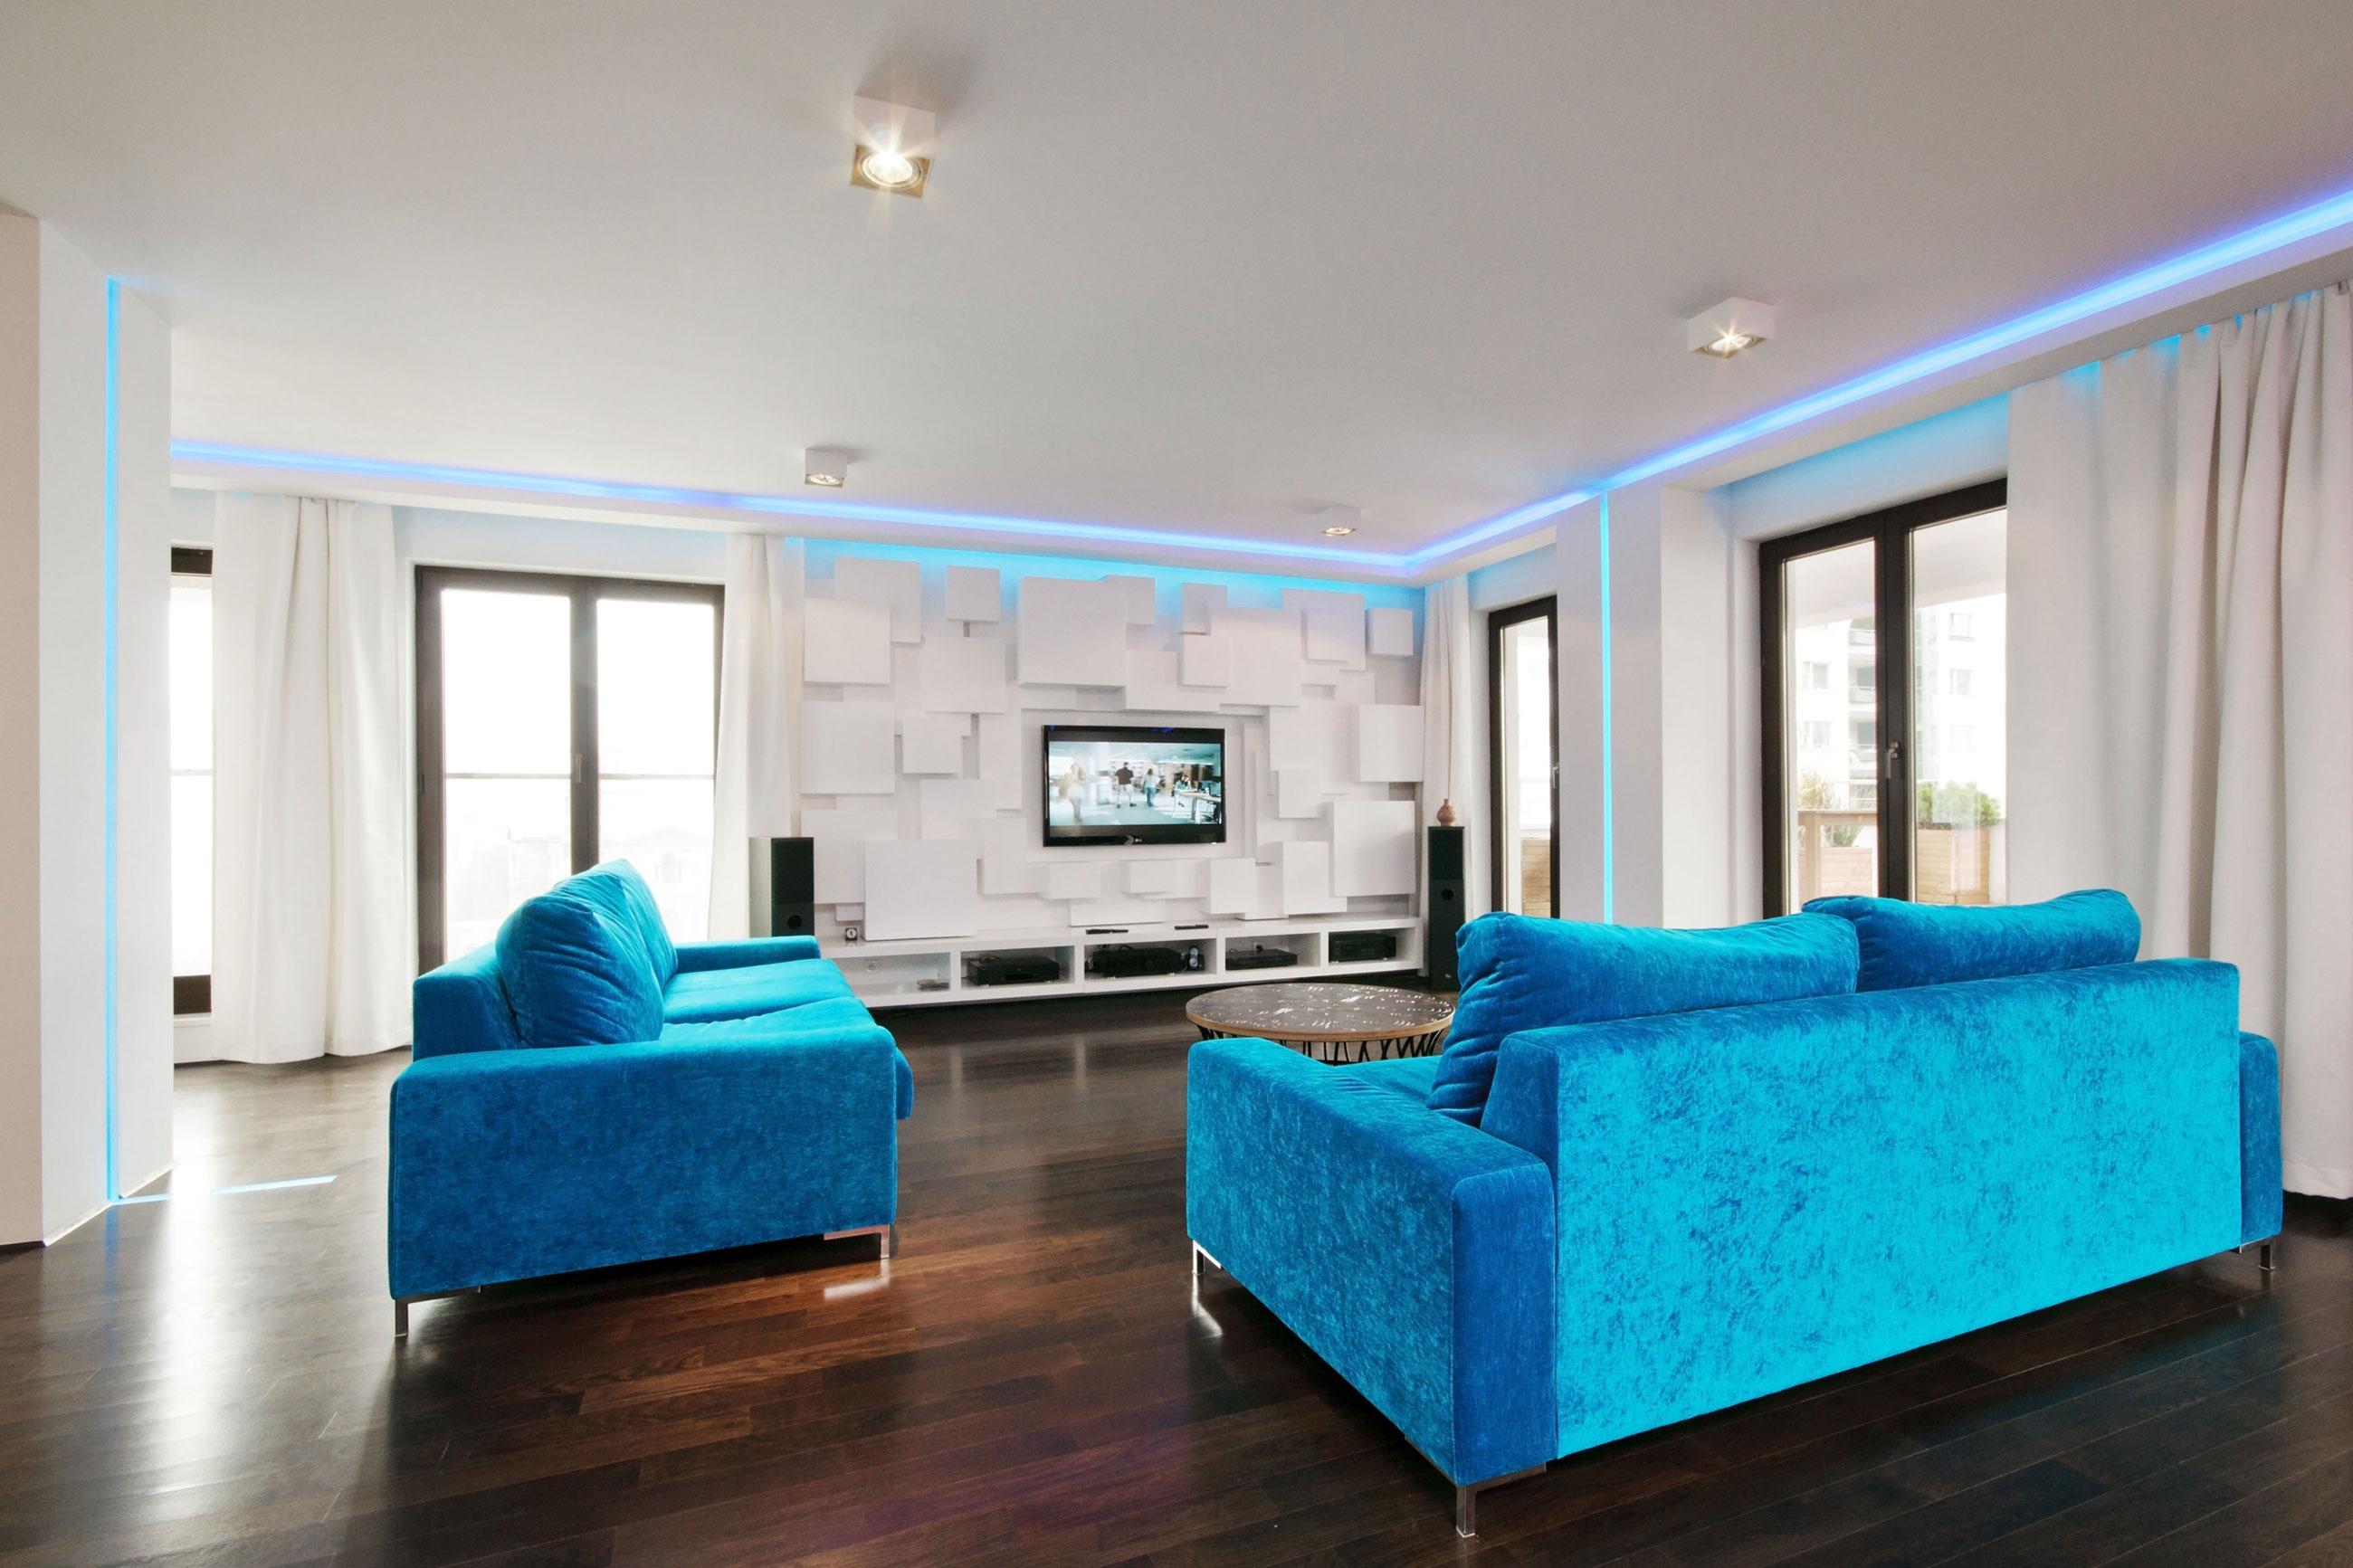 Голубой диван в интерьере: особенности сочетания (28 фото)